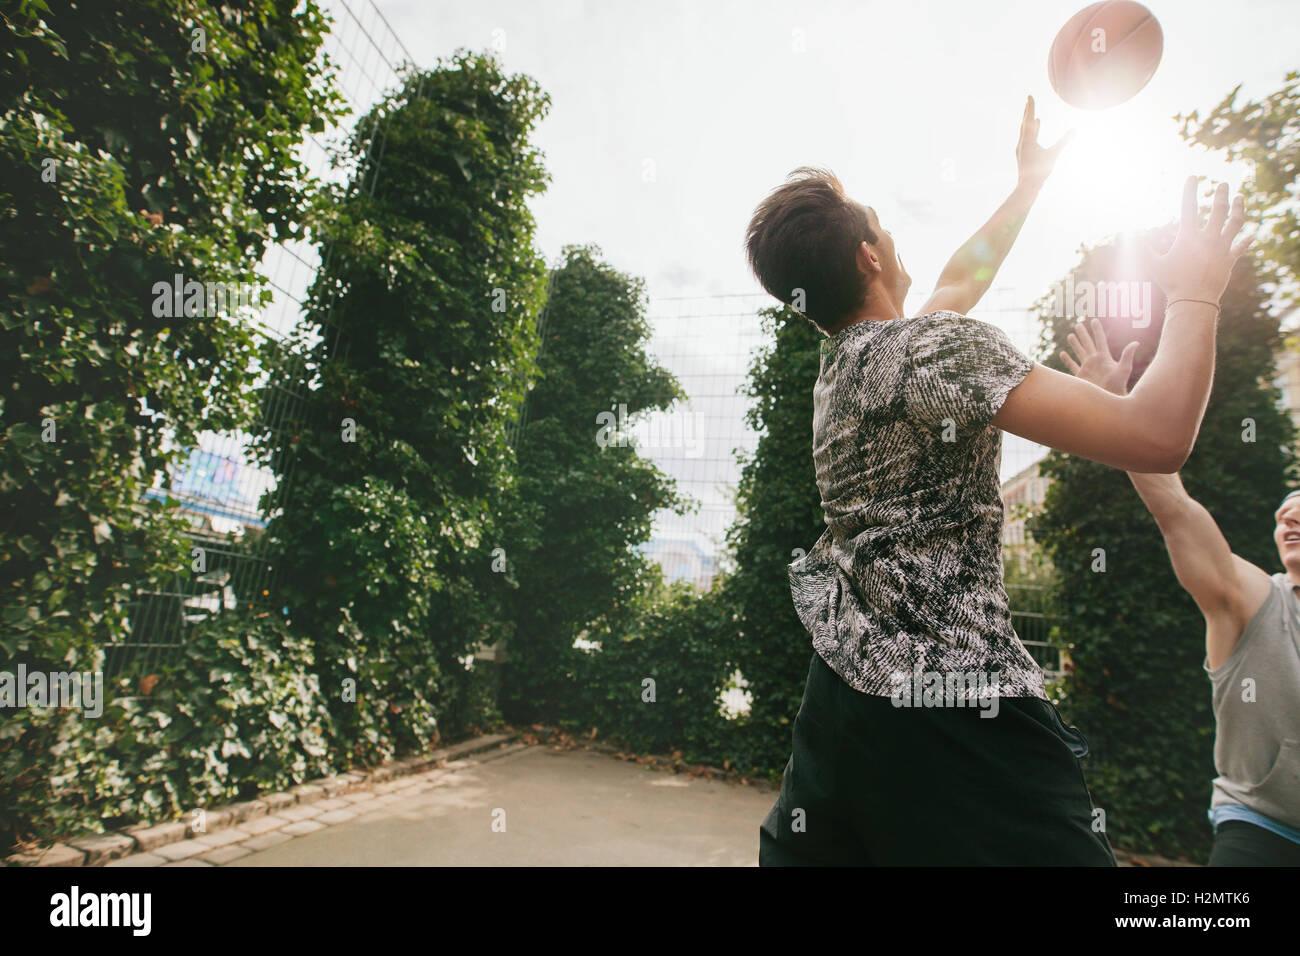 Amici giocare a basket gli uni contro gli altri e divertirsi sul tribunale aperto. Due giovani uomini giocare a Immagini Stock